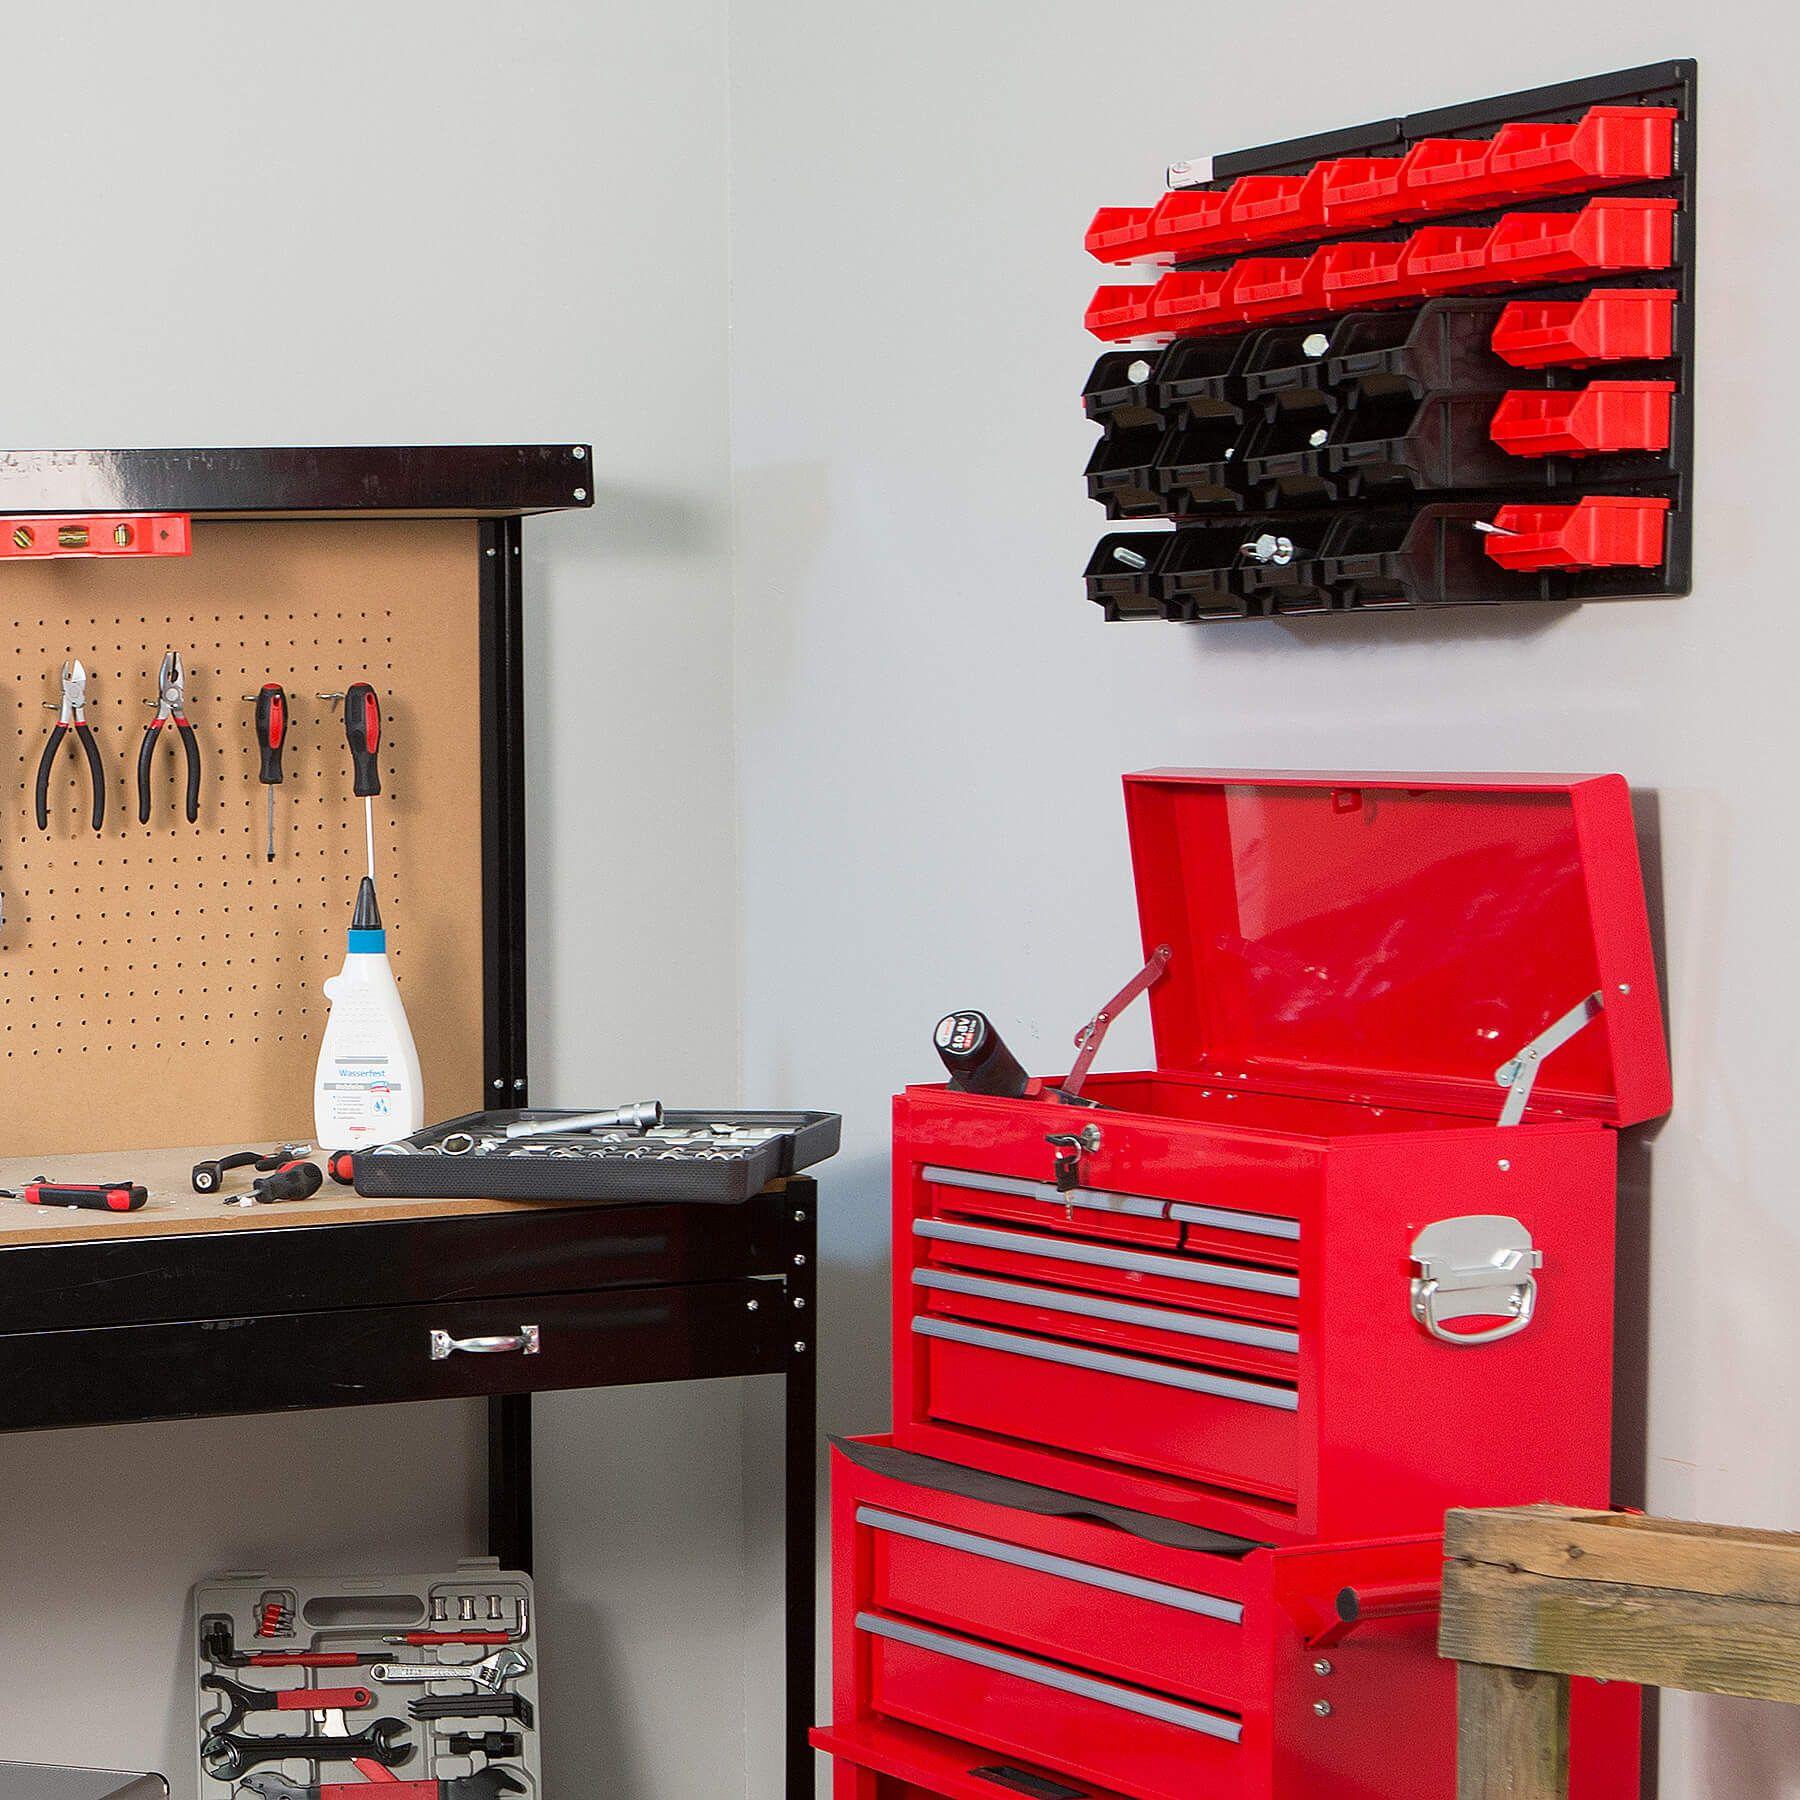 etag re des 31 el ments bac bec boites de rangement combinaison murale garage ebay. Black Bedroom Furniture Sets. Home Design Ideas